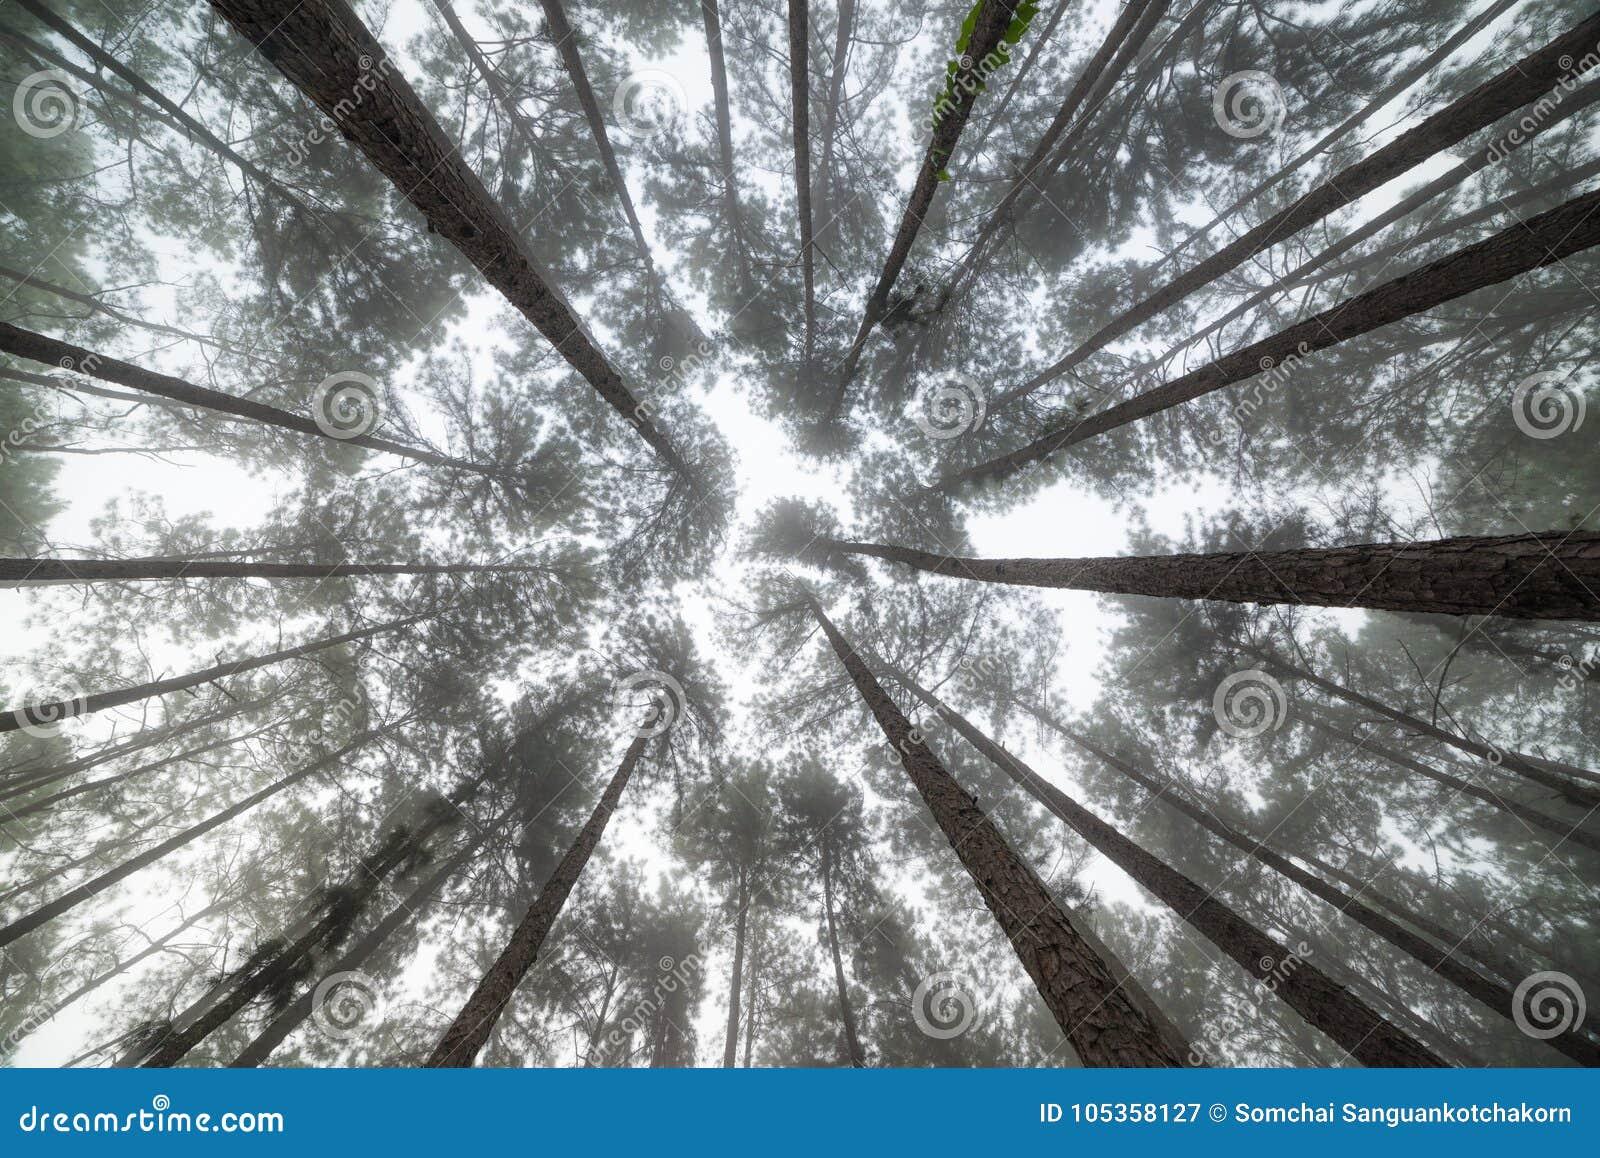 Opinión Del Ojo De La Hormiga Del Grupo De árbol De Pino En De